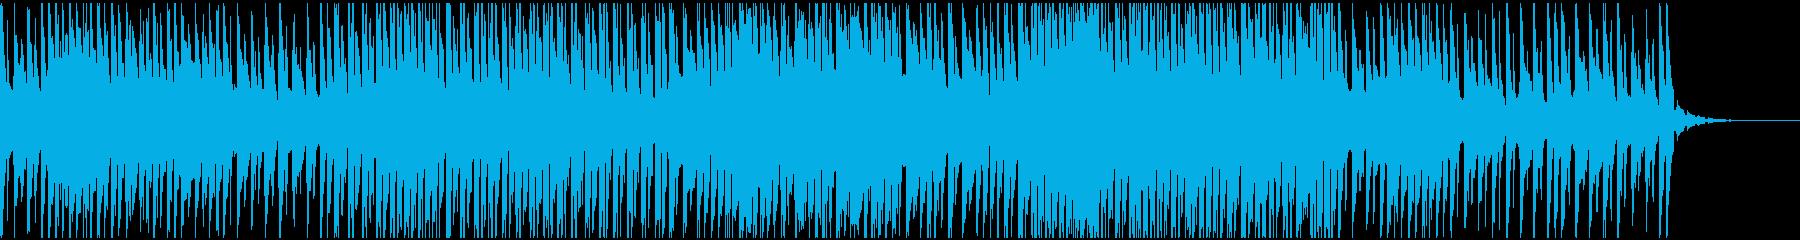 テクノ、シンセ、エレクトリック、ロング2の再生済みの波形